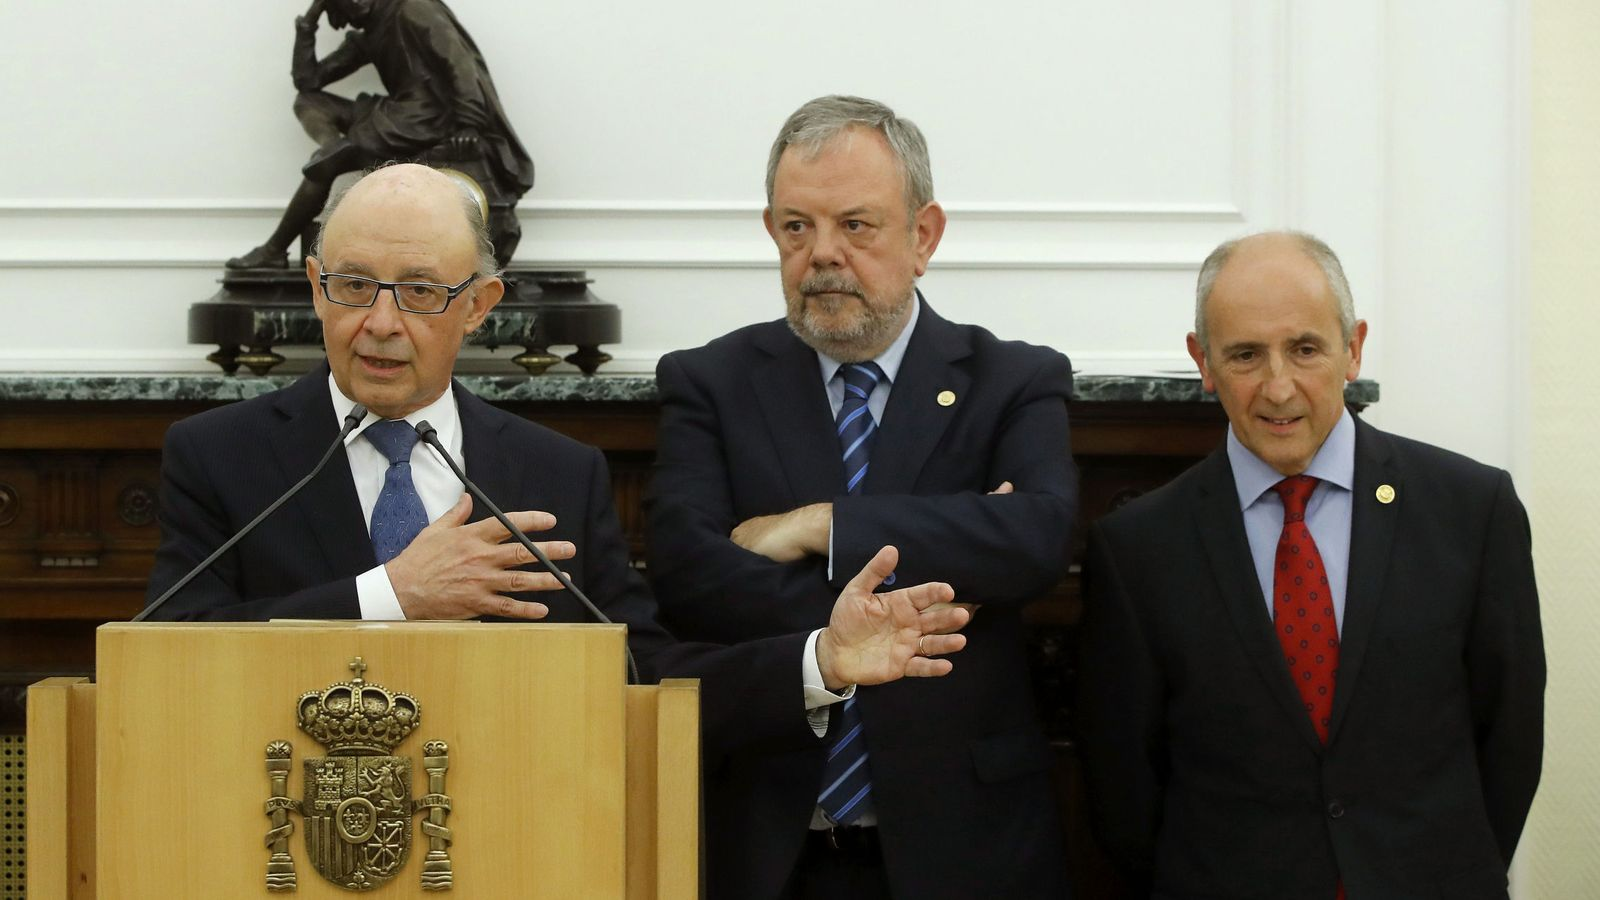 Foto: El ministro de Hacienda, Cristóbal Montoro (i), el consejero de Hacienda y Economía vasco, Pedro Azpiazu, y el portavoz del Gobierno vasco, Josu Erkoreka (d)